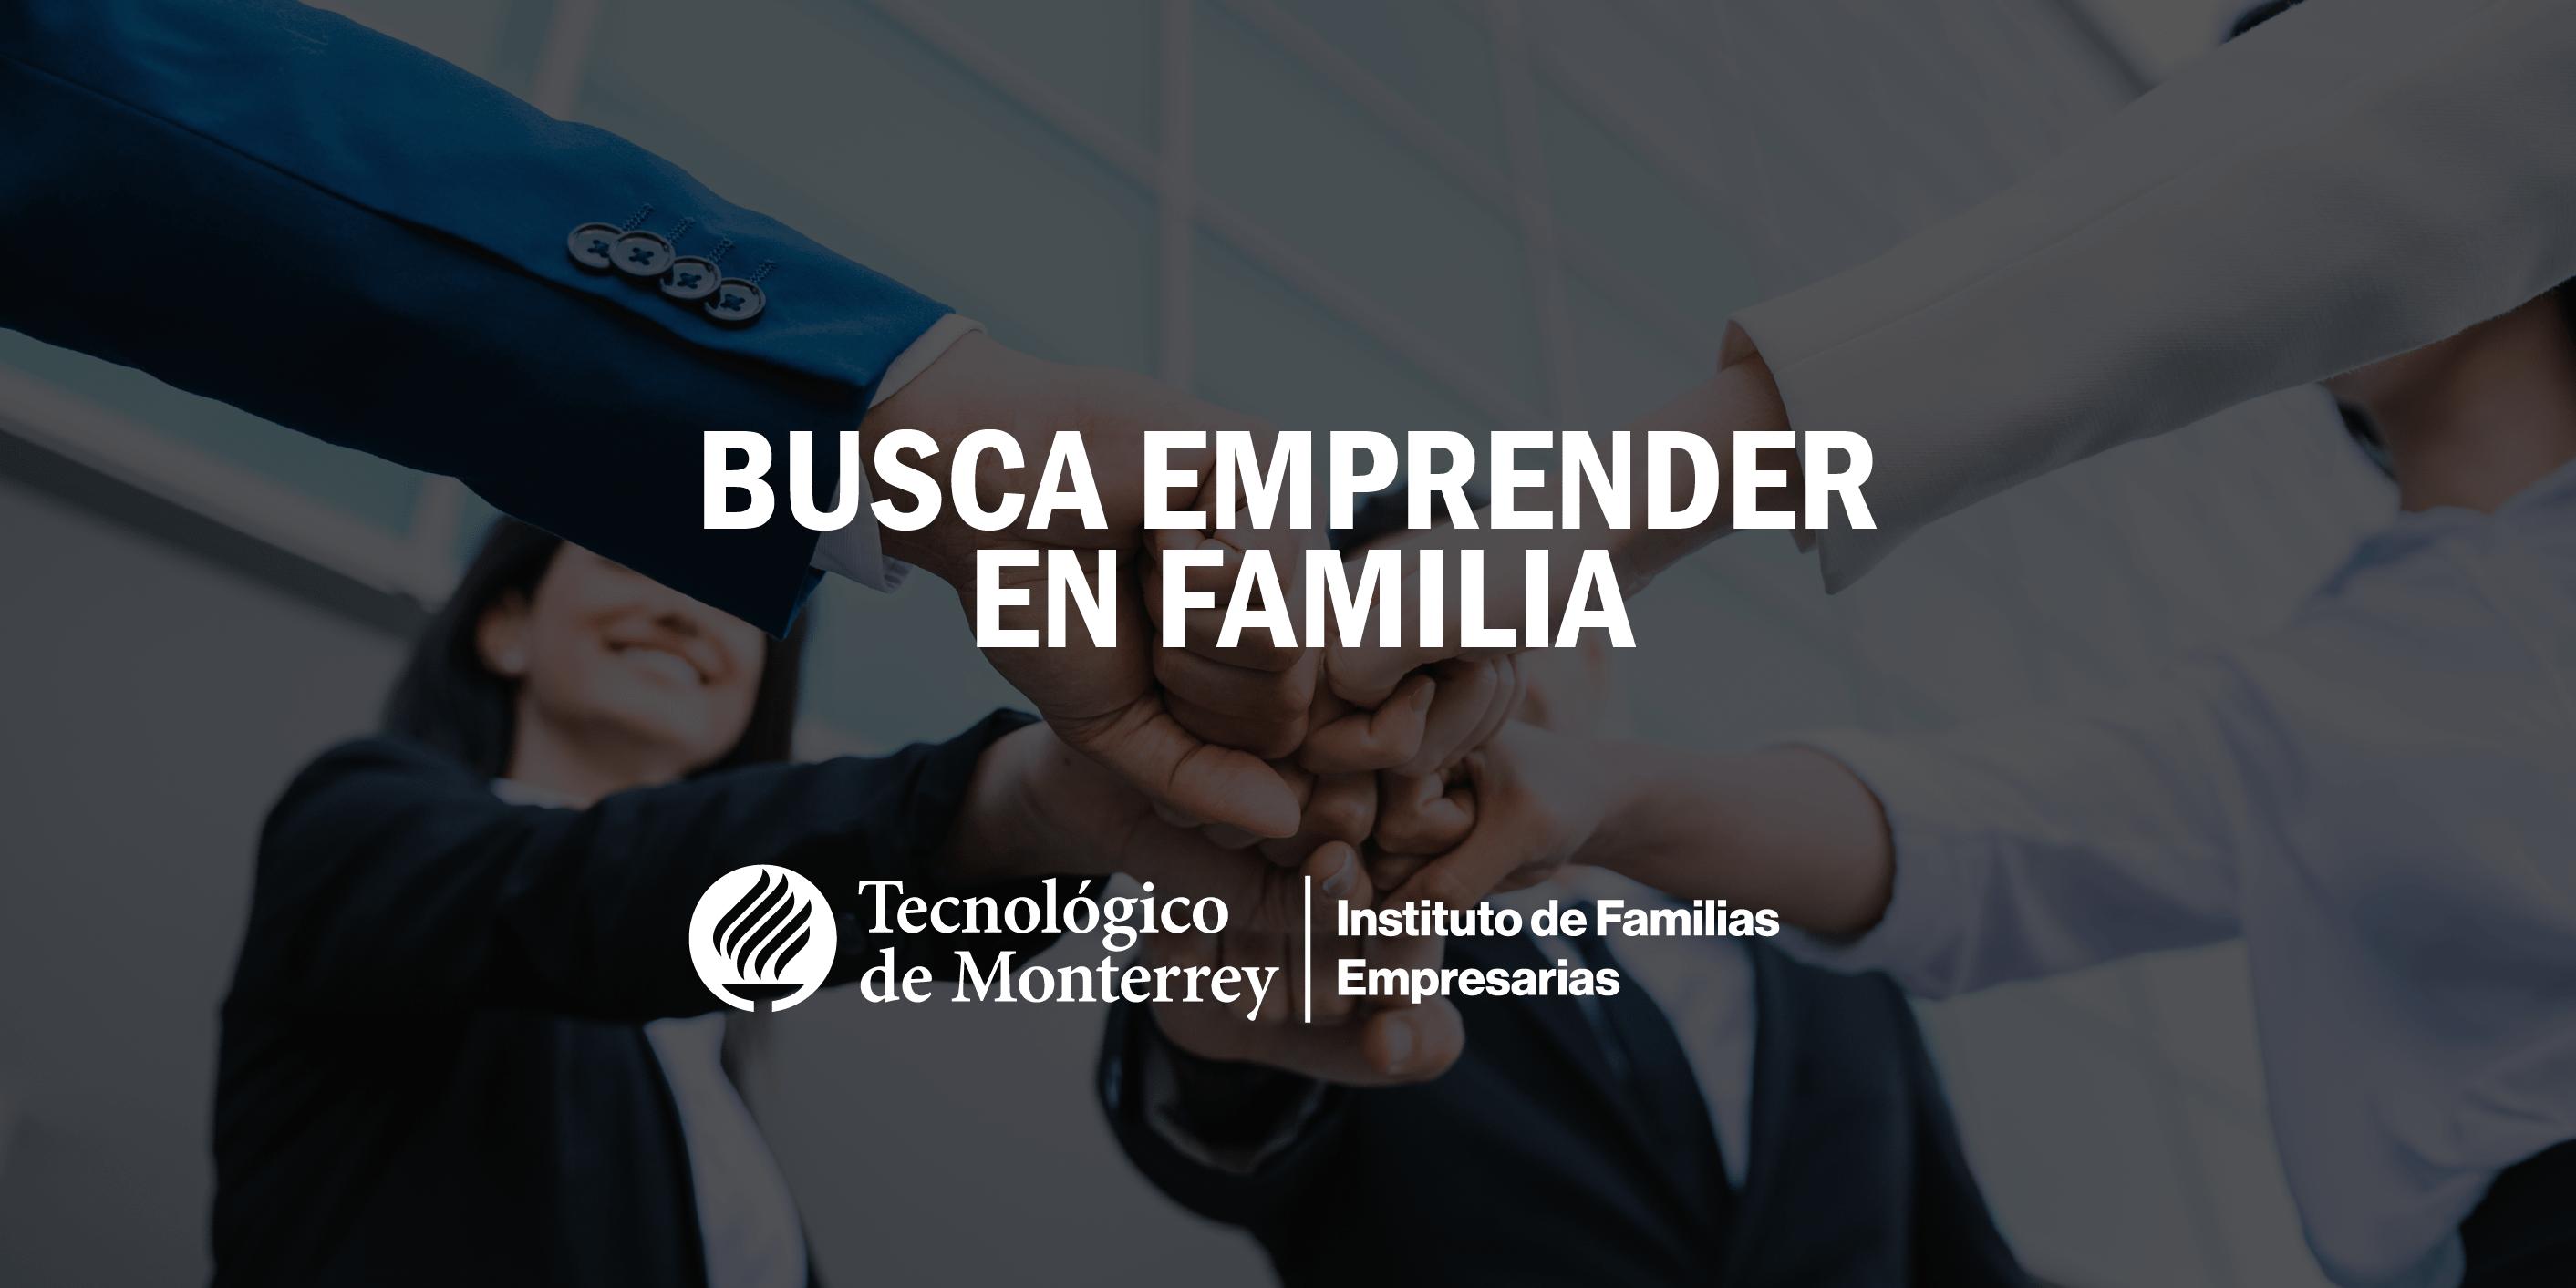 Busca emprender en familia | Blog